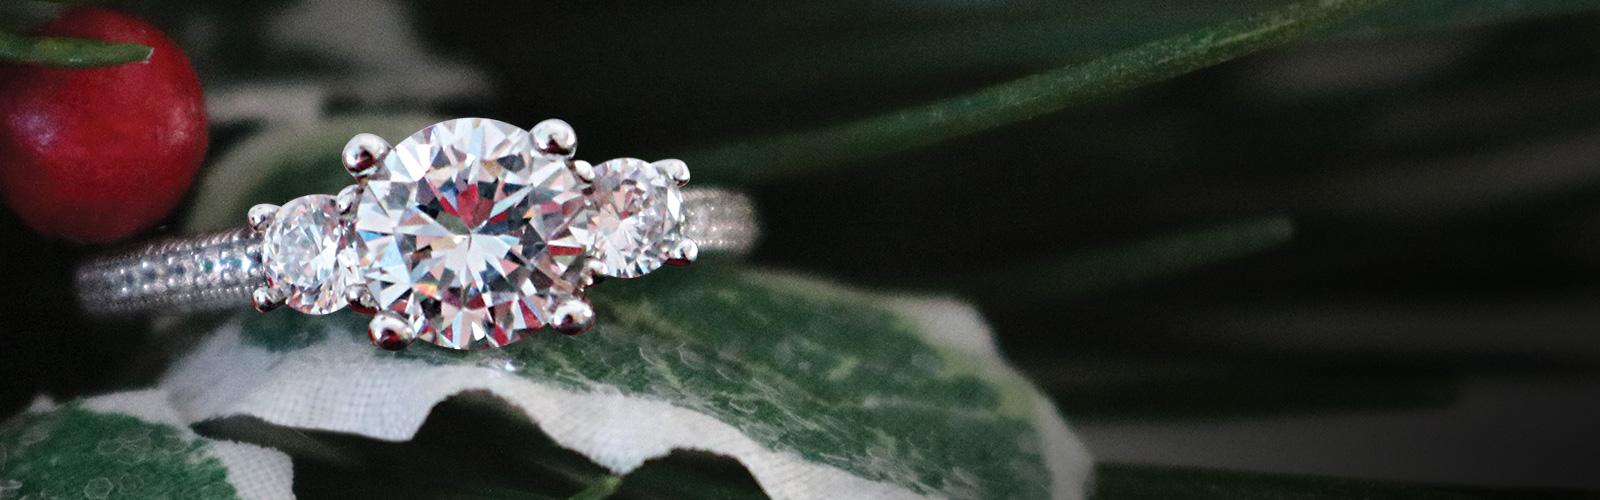 Bentley Diamond - Christmas Gifts